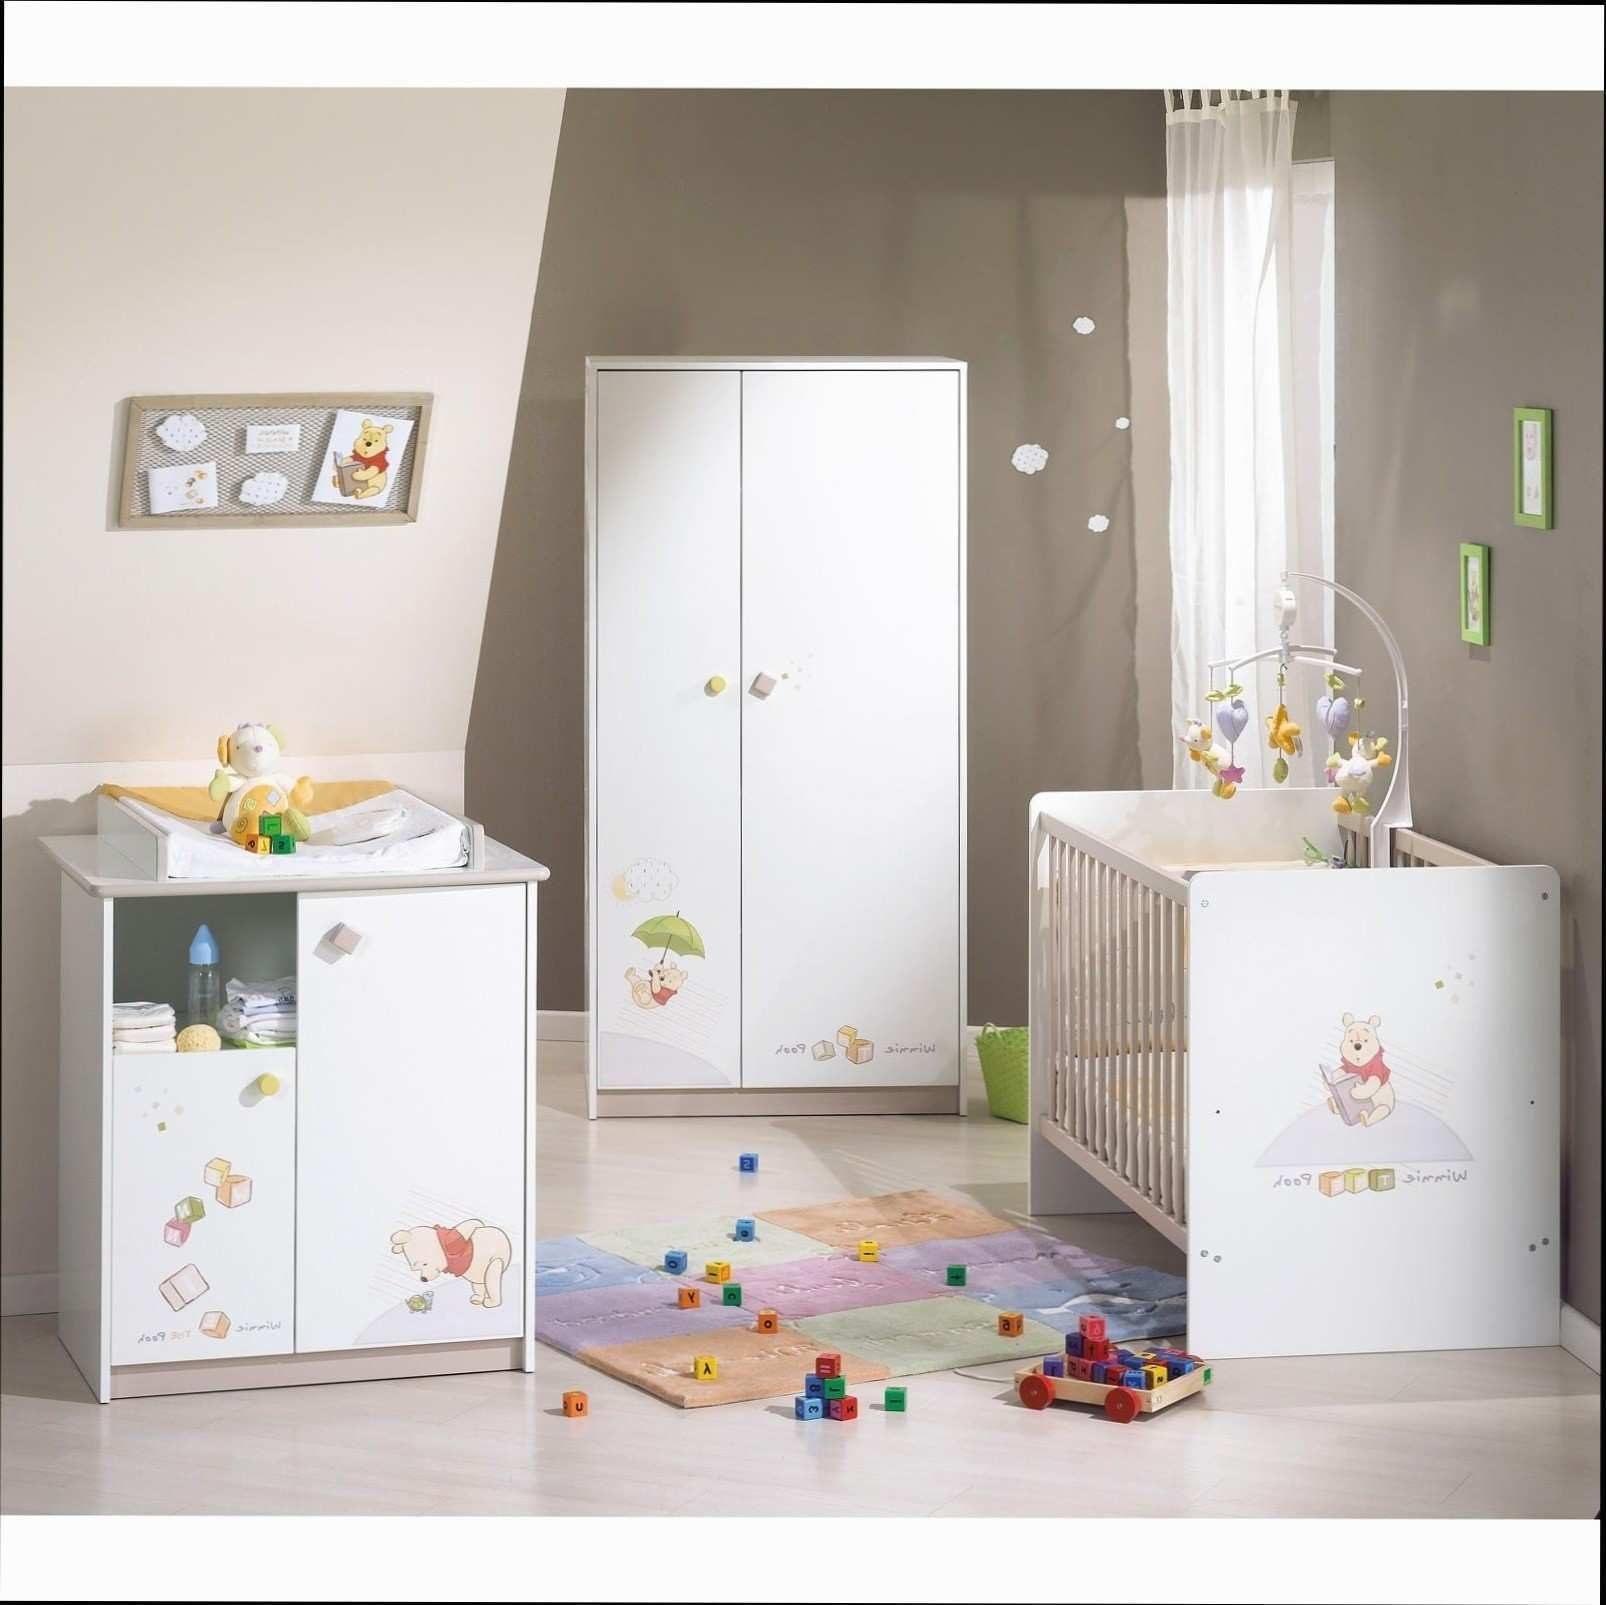 Parure De Lit Gris Et Rose Magnifique Chambre Bébé Fille Fee Elegant Merveilleux Chambre B Fille Deco Gris